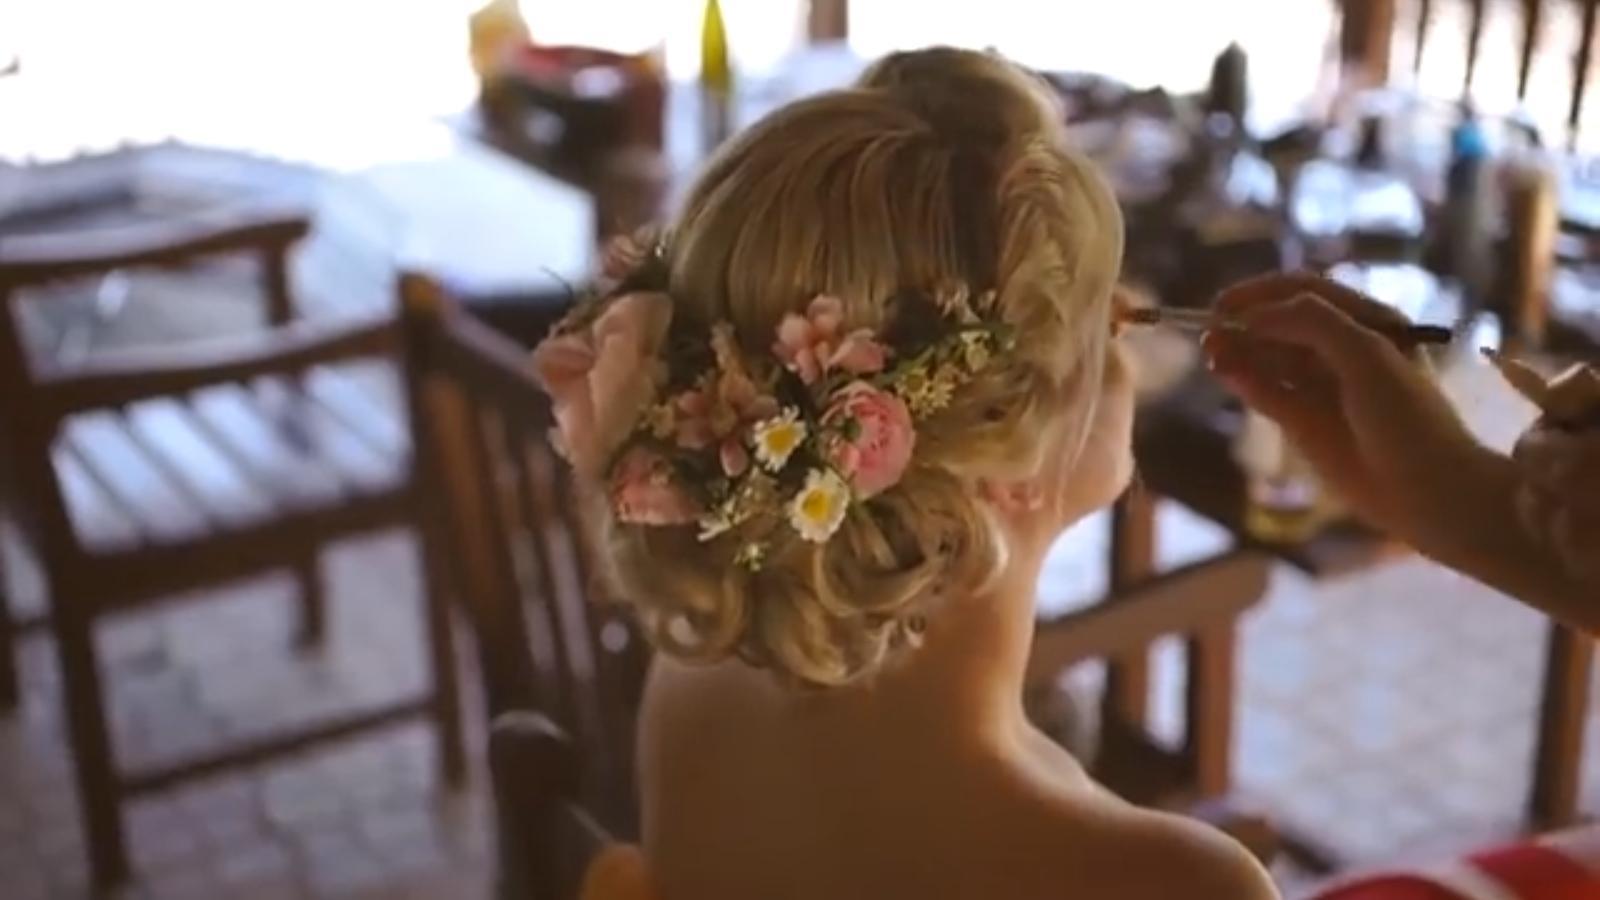 Co už máme - Pujčená představa od jedné nevěsty plus varianta se závojem